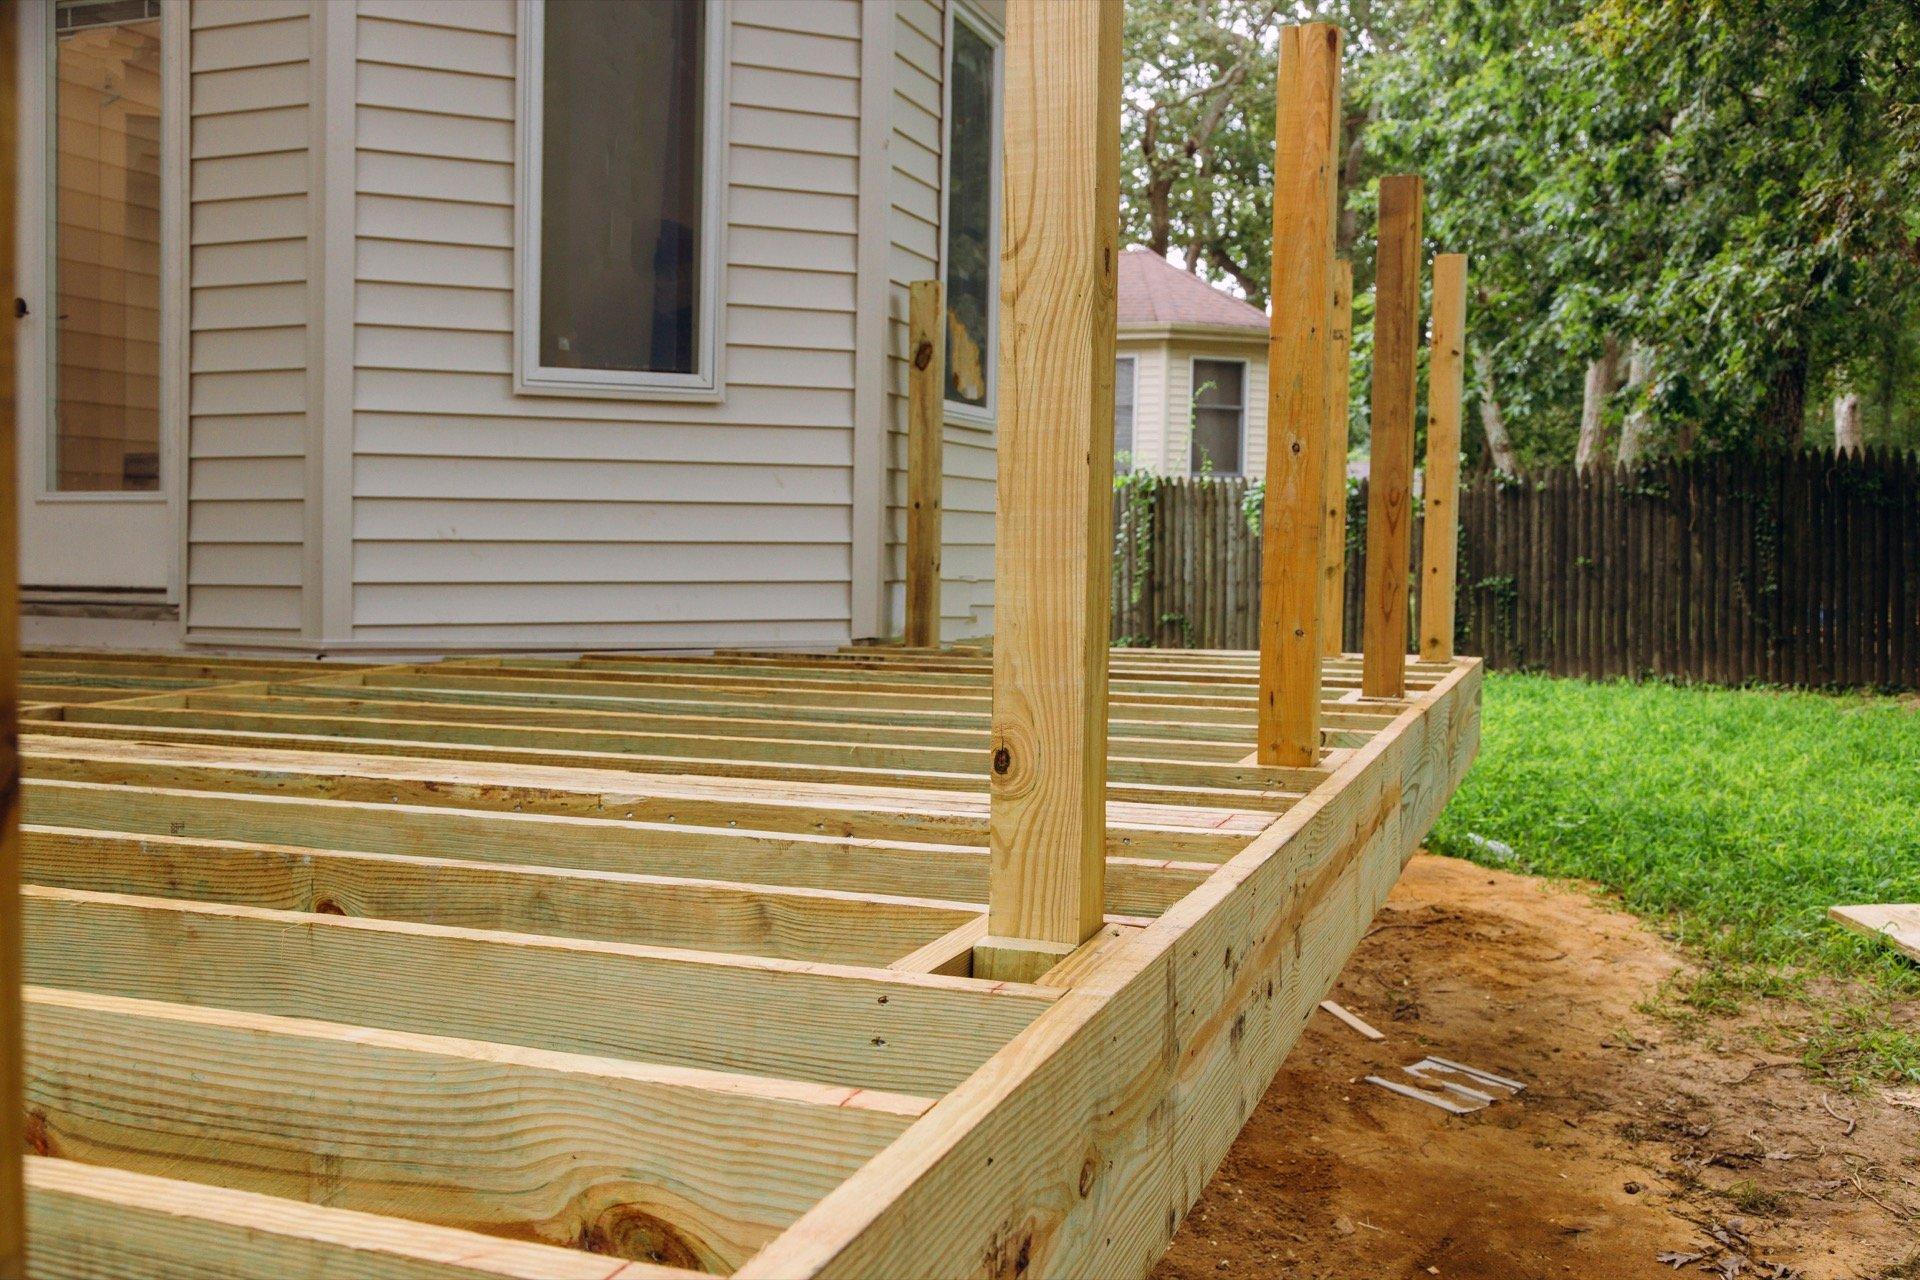 pine deck under construction